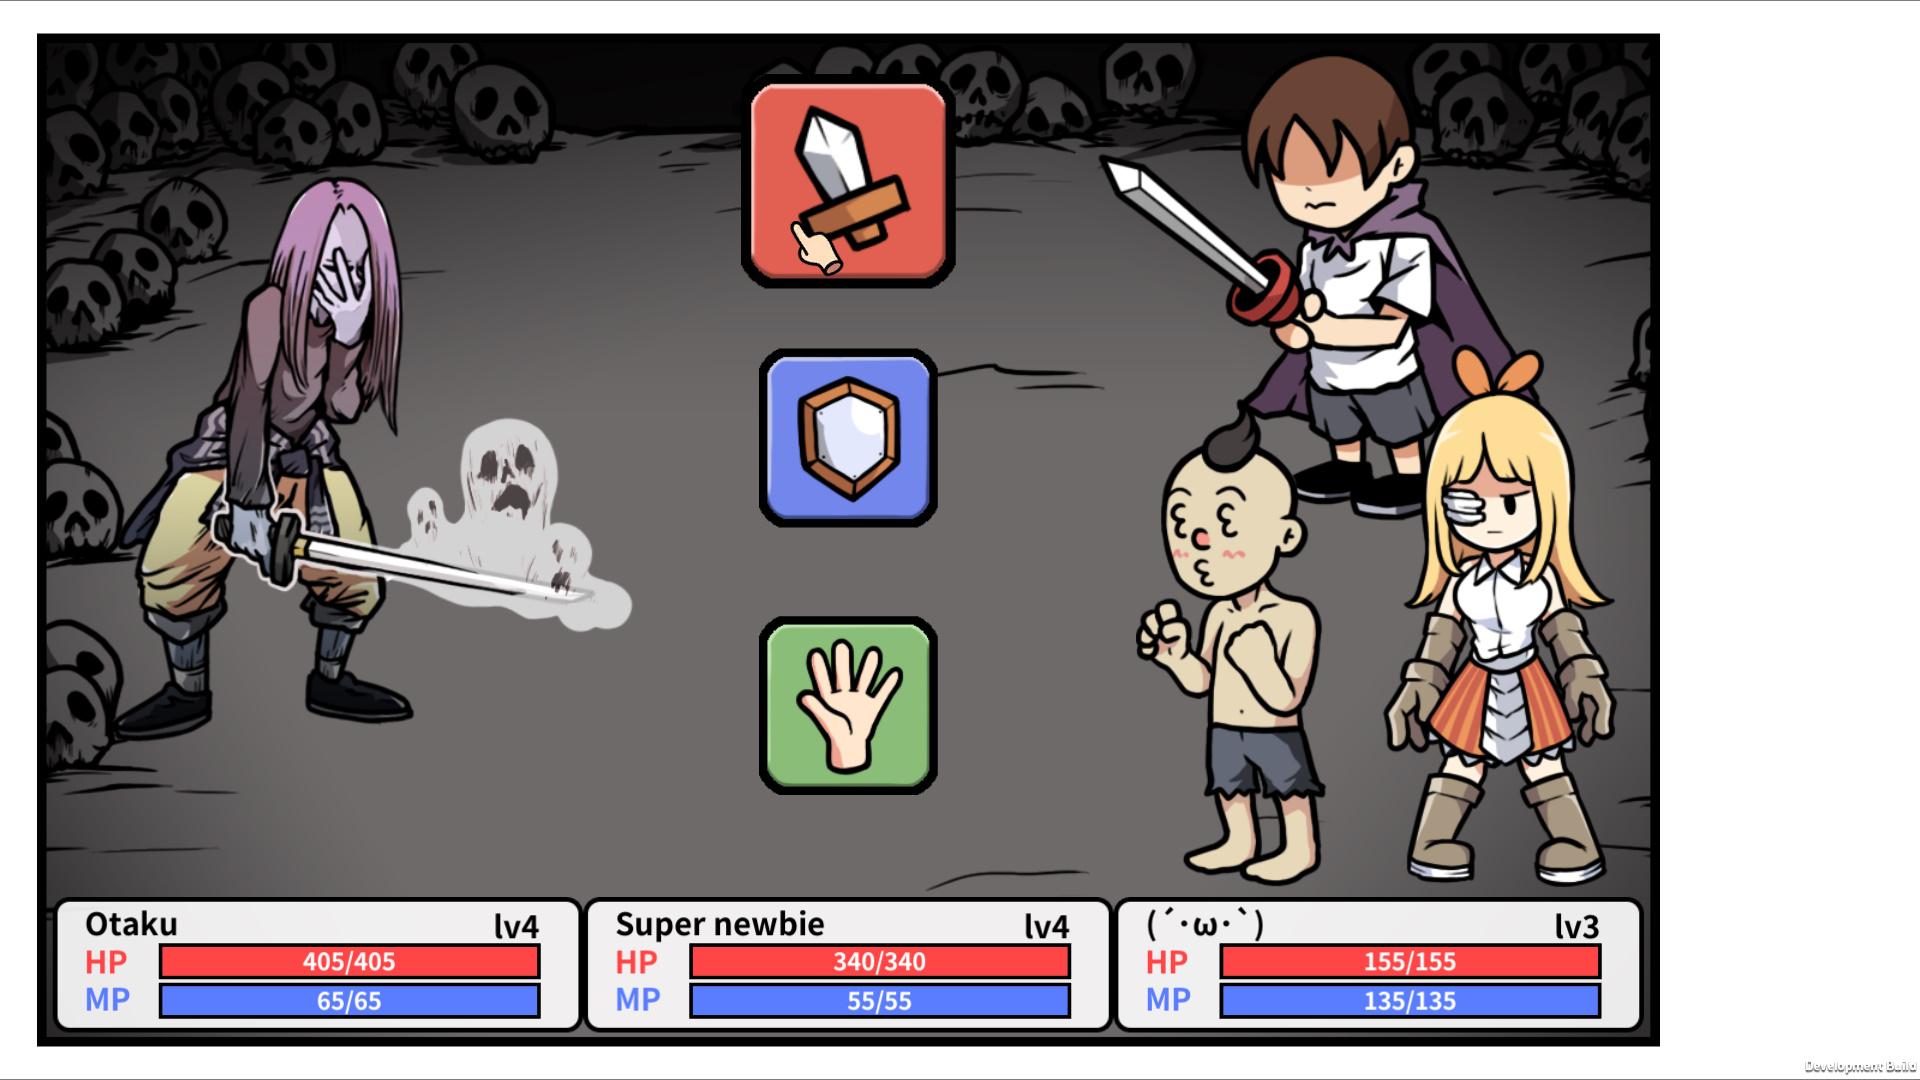 宅男的人间冒险/Otaku's Adventure插图3